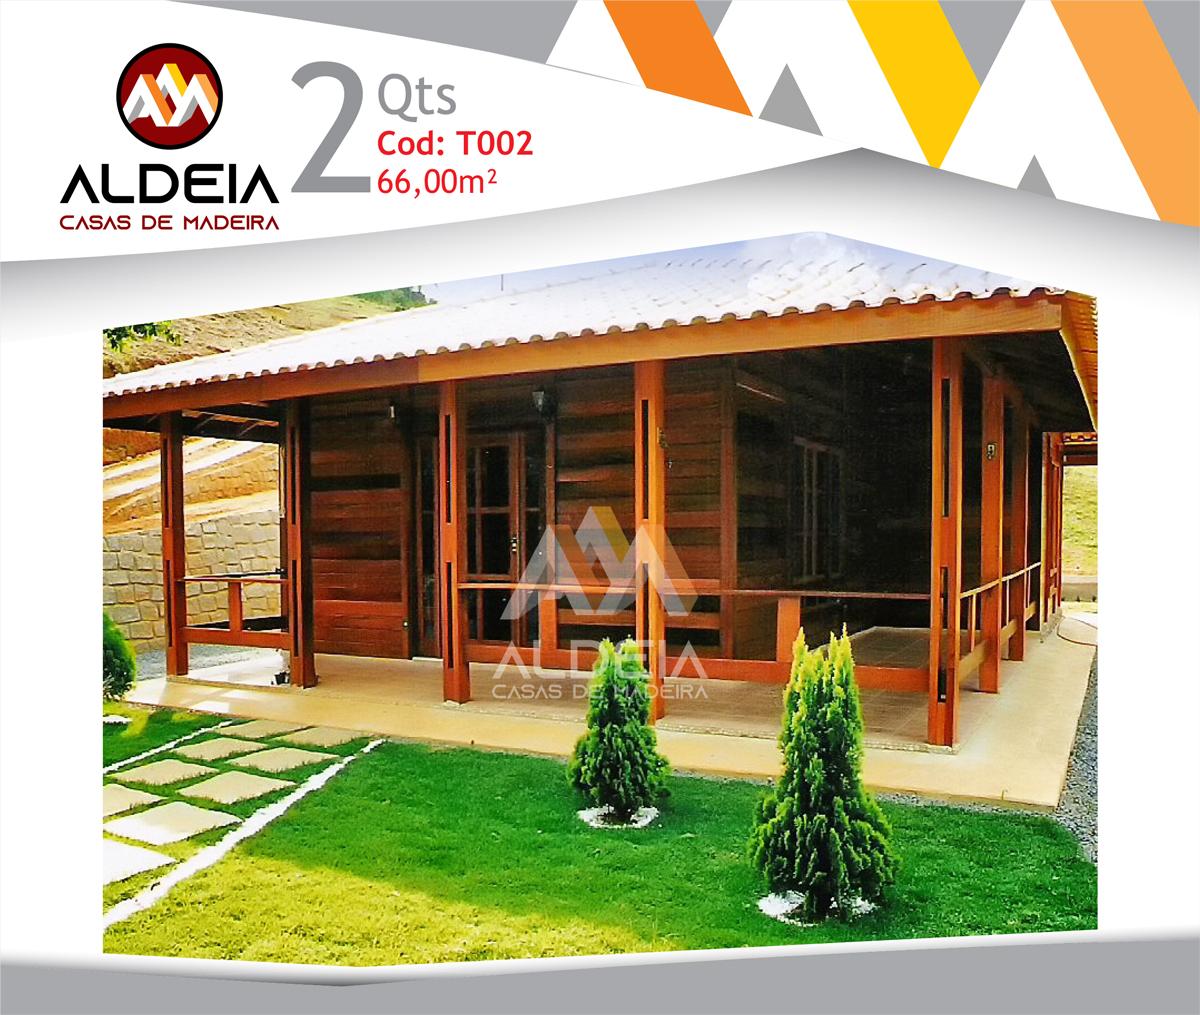 aldeia-casas-madeira-fachada-T002